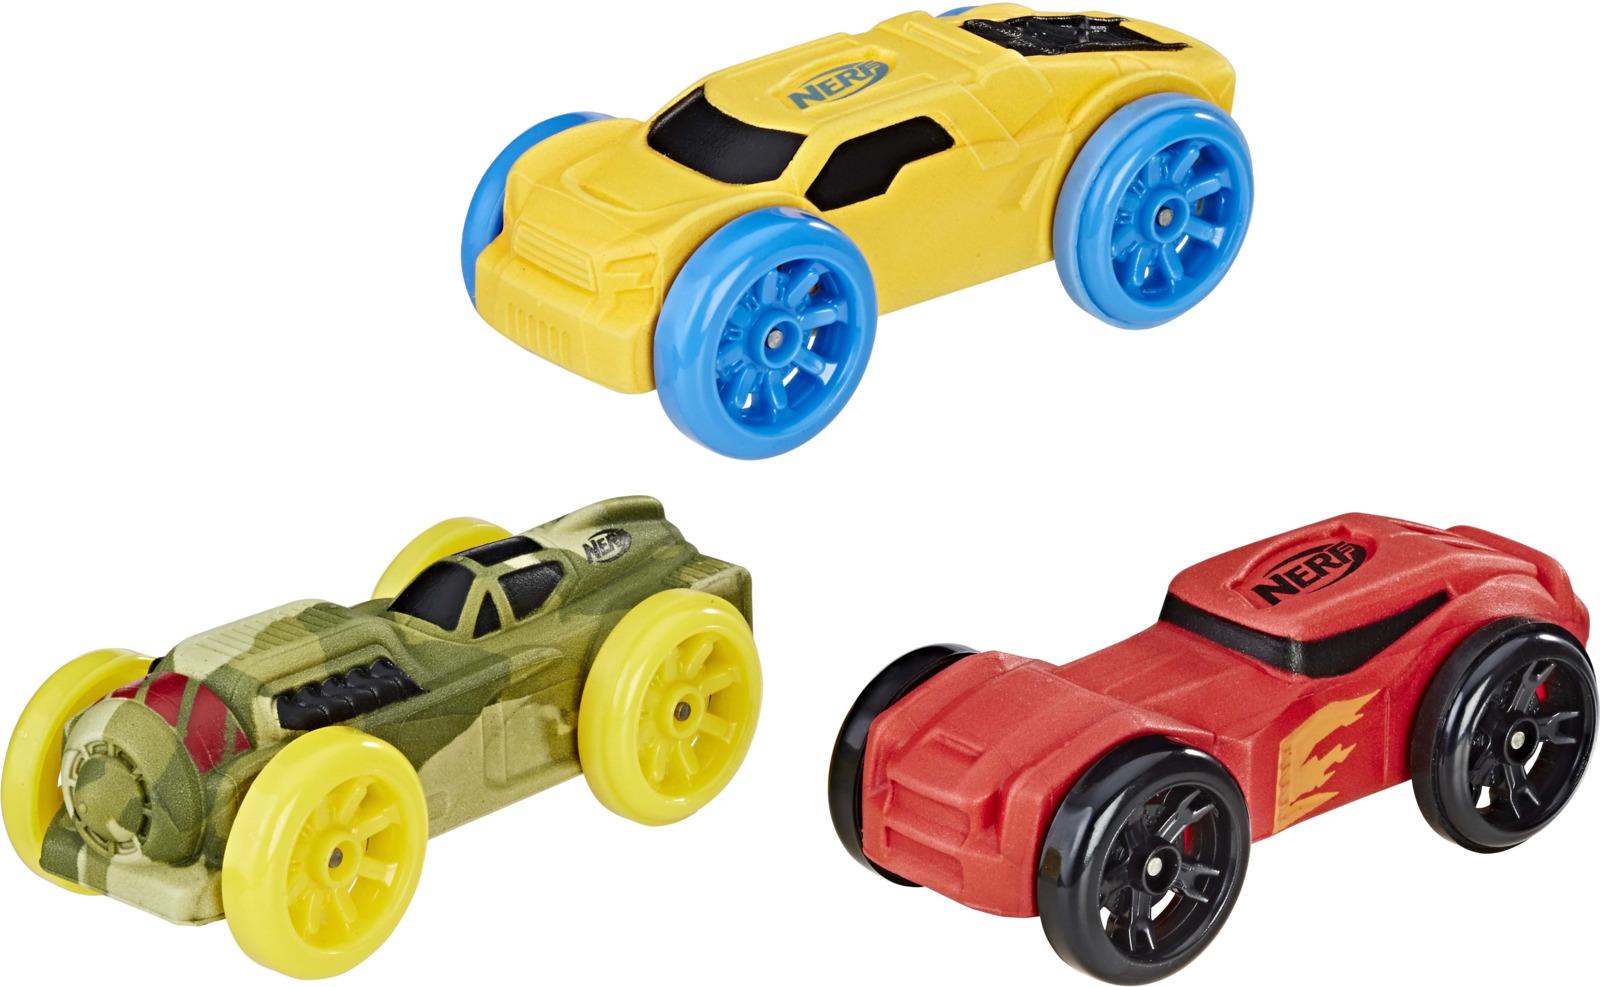 Nerf Машинка Nitro цвет зеленый, оранжевый, сииний 3 шт